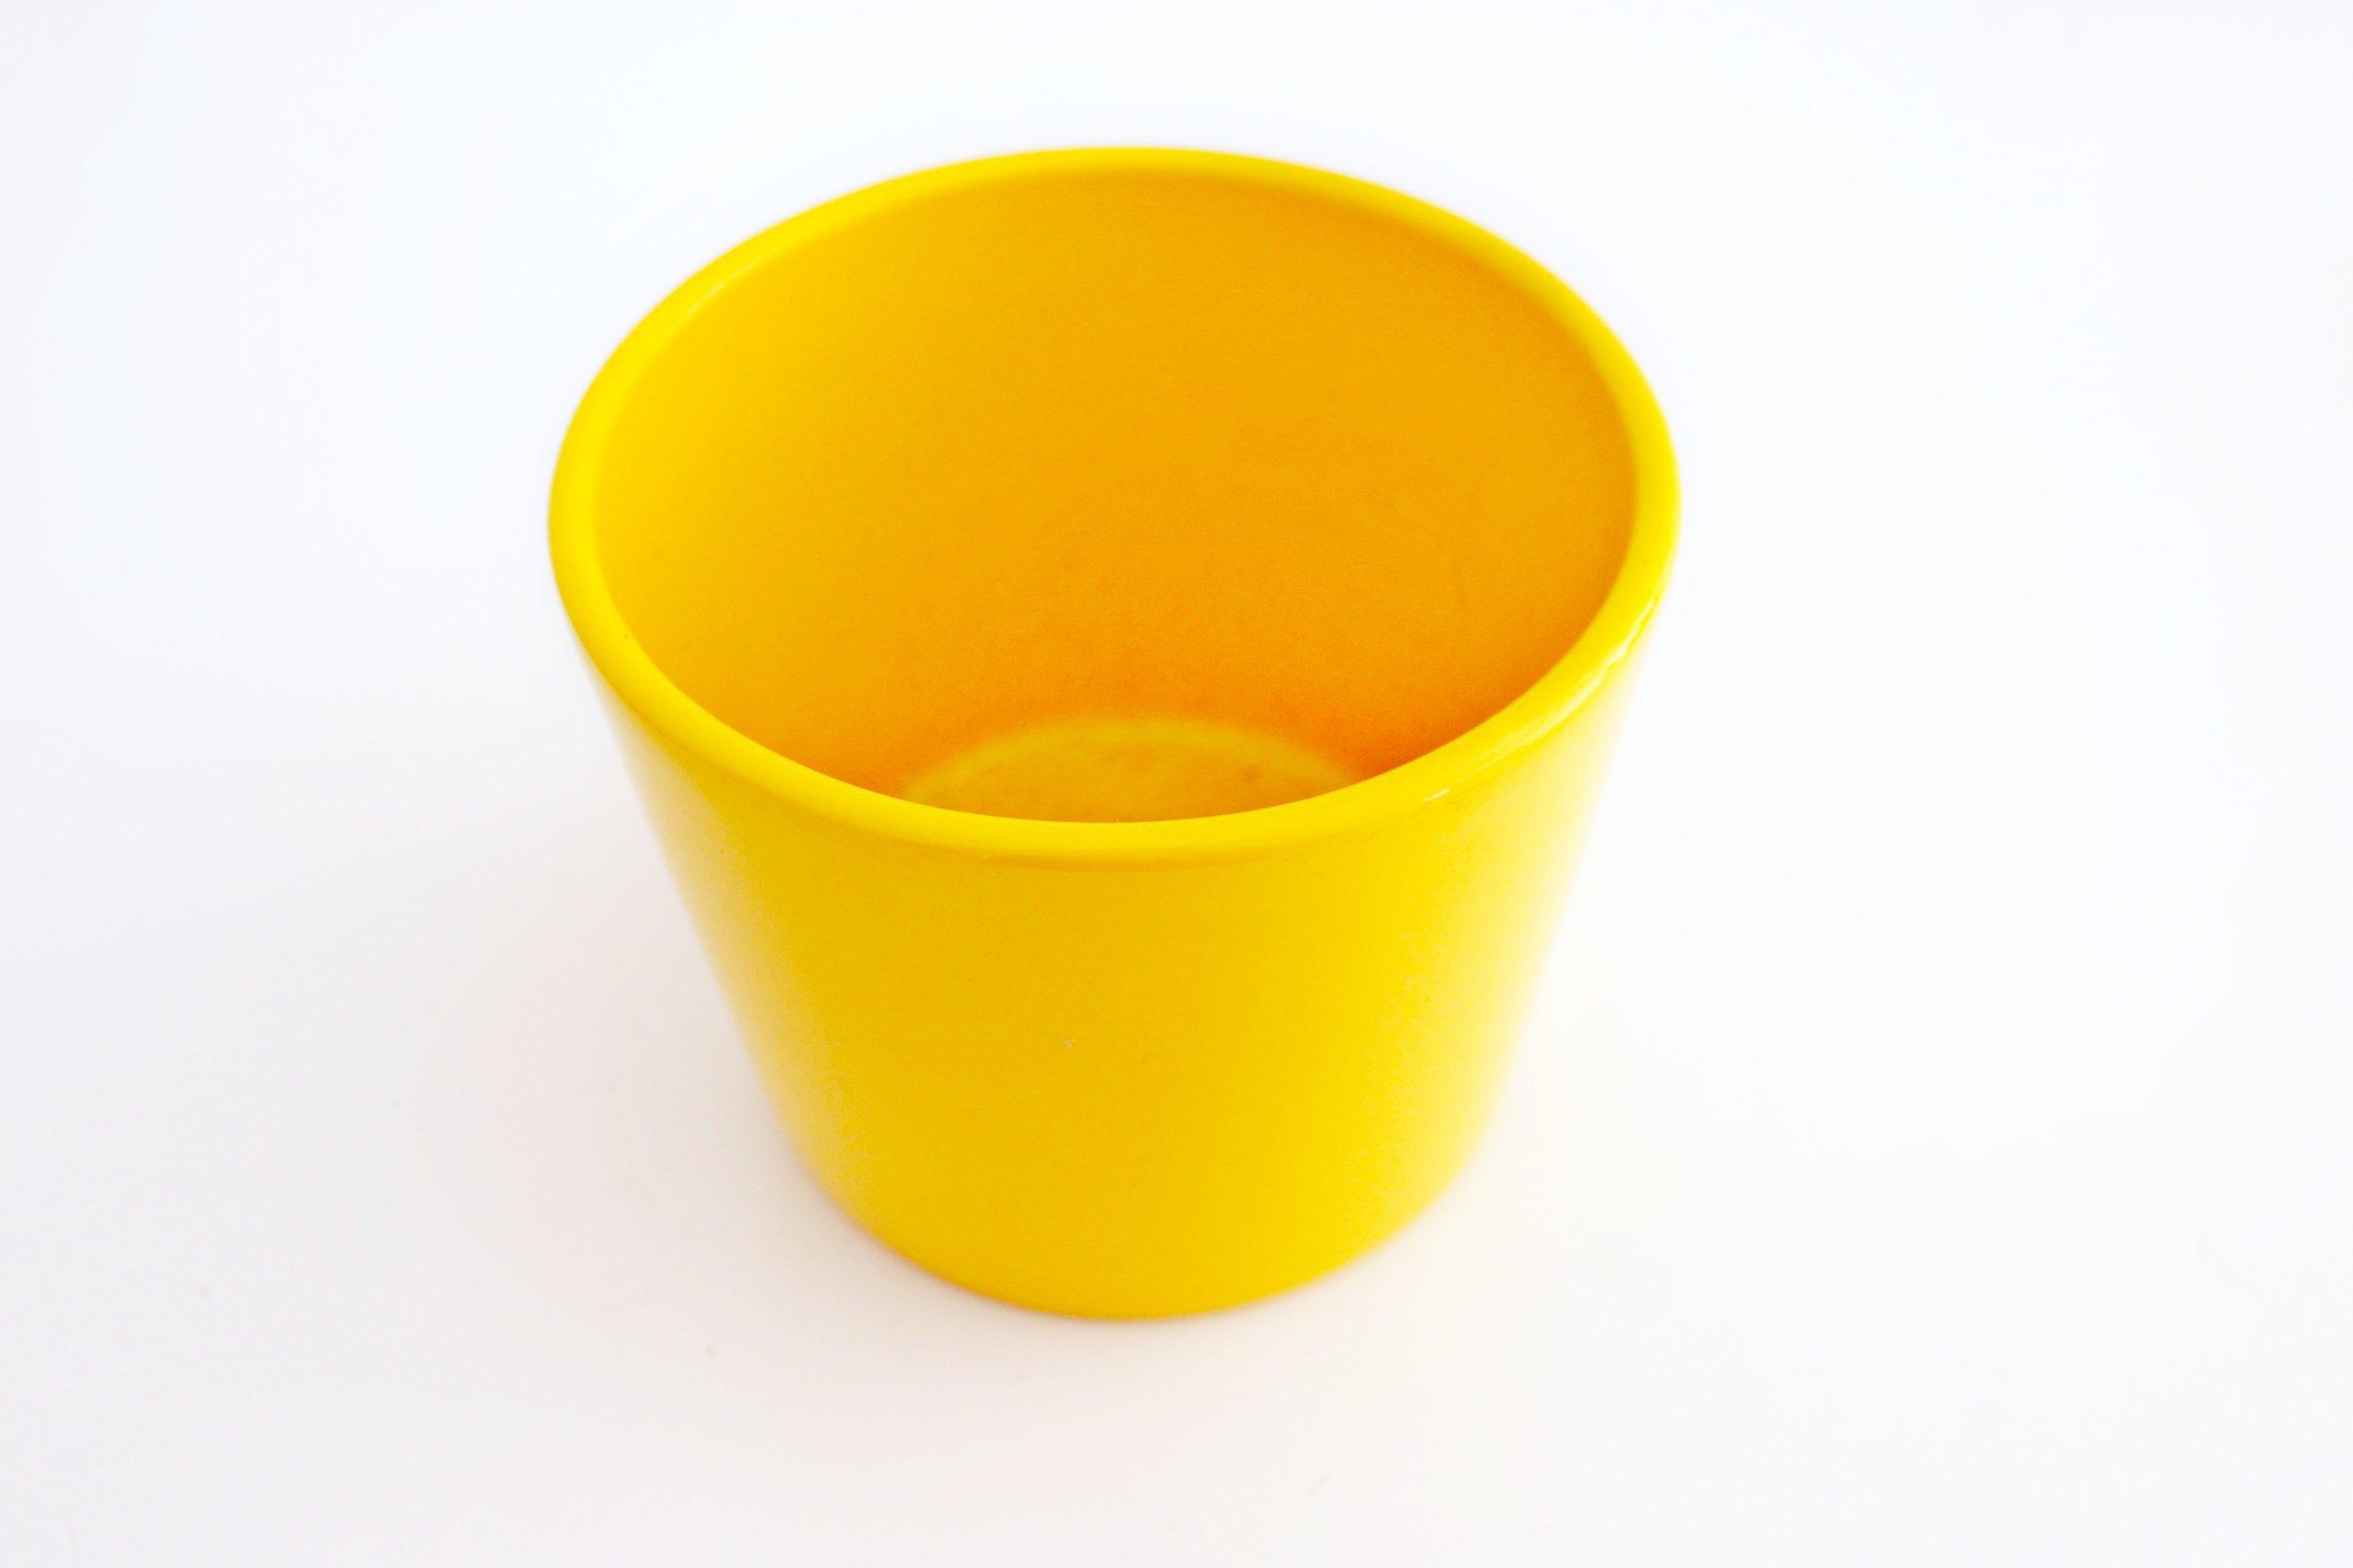 Doniczka Osłonka Ceramiczna żółta 12 Cm 7210836358